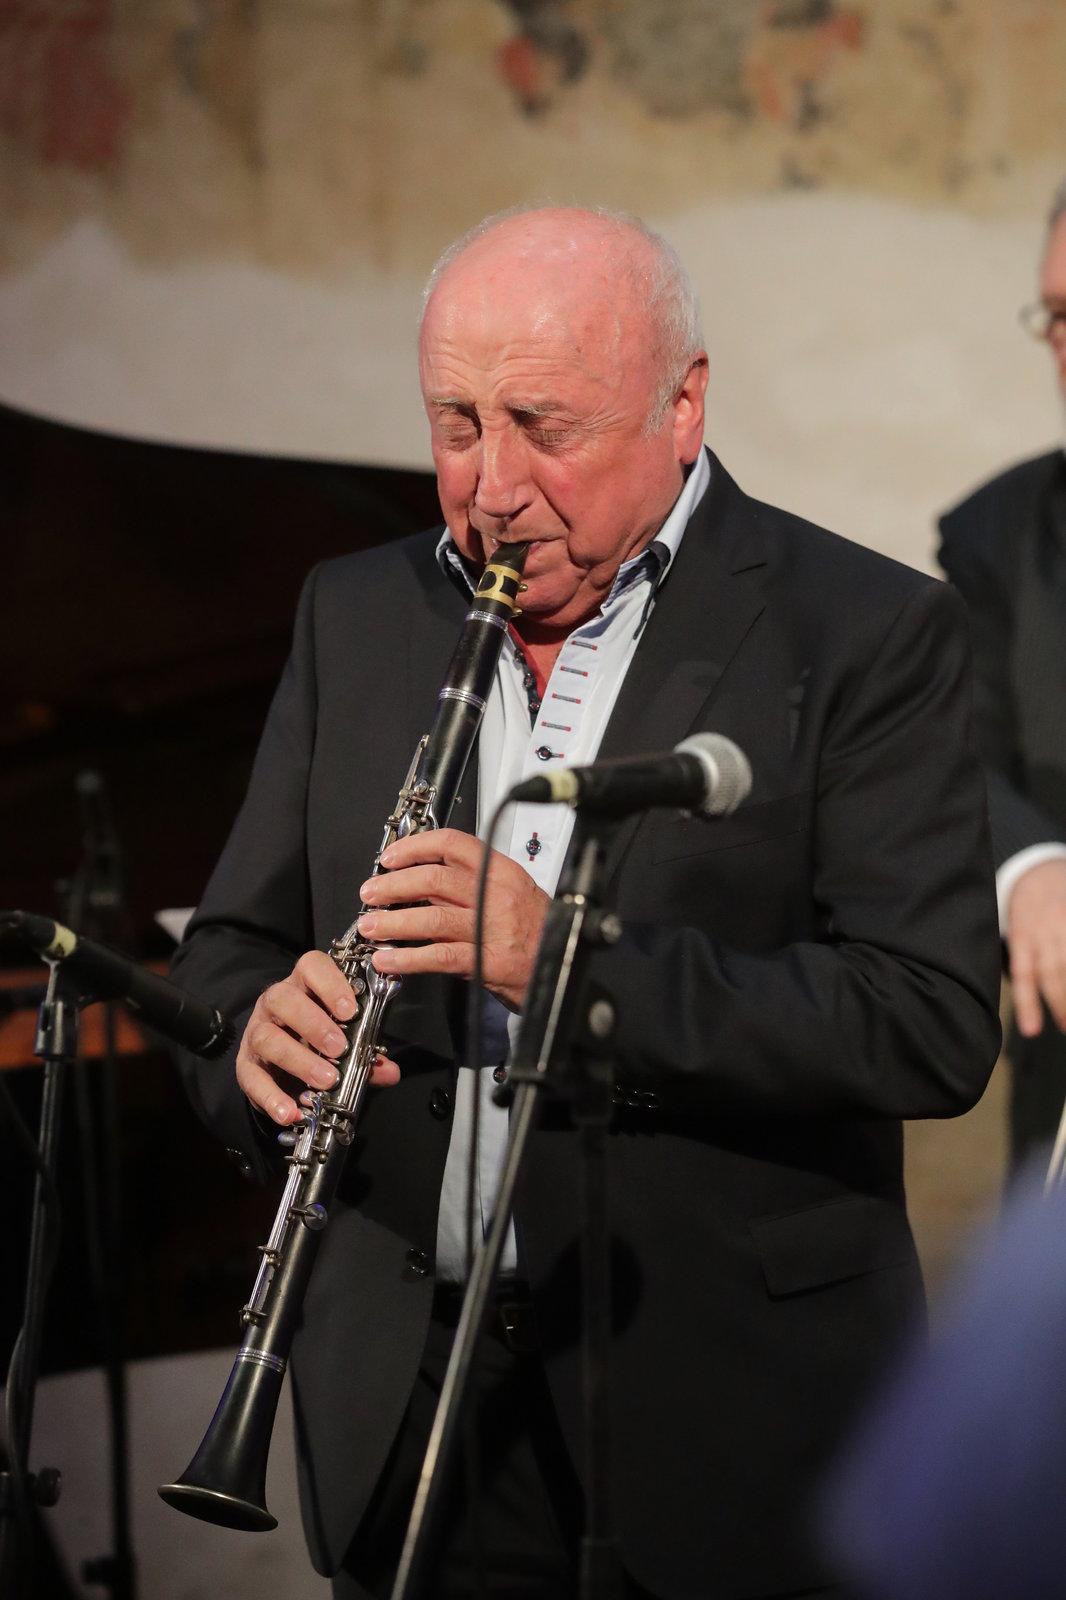 Seznamka milovníků jazzu